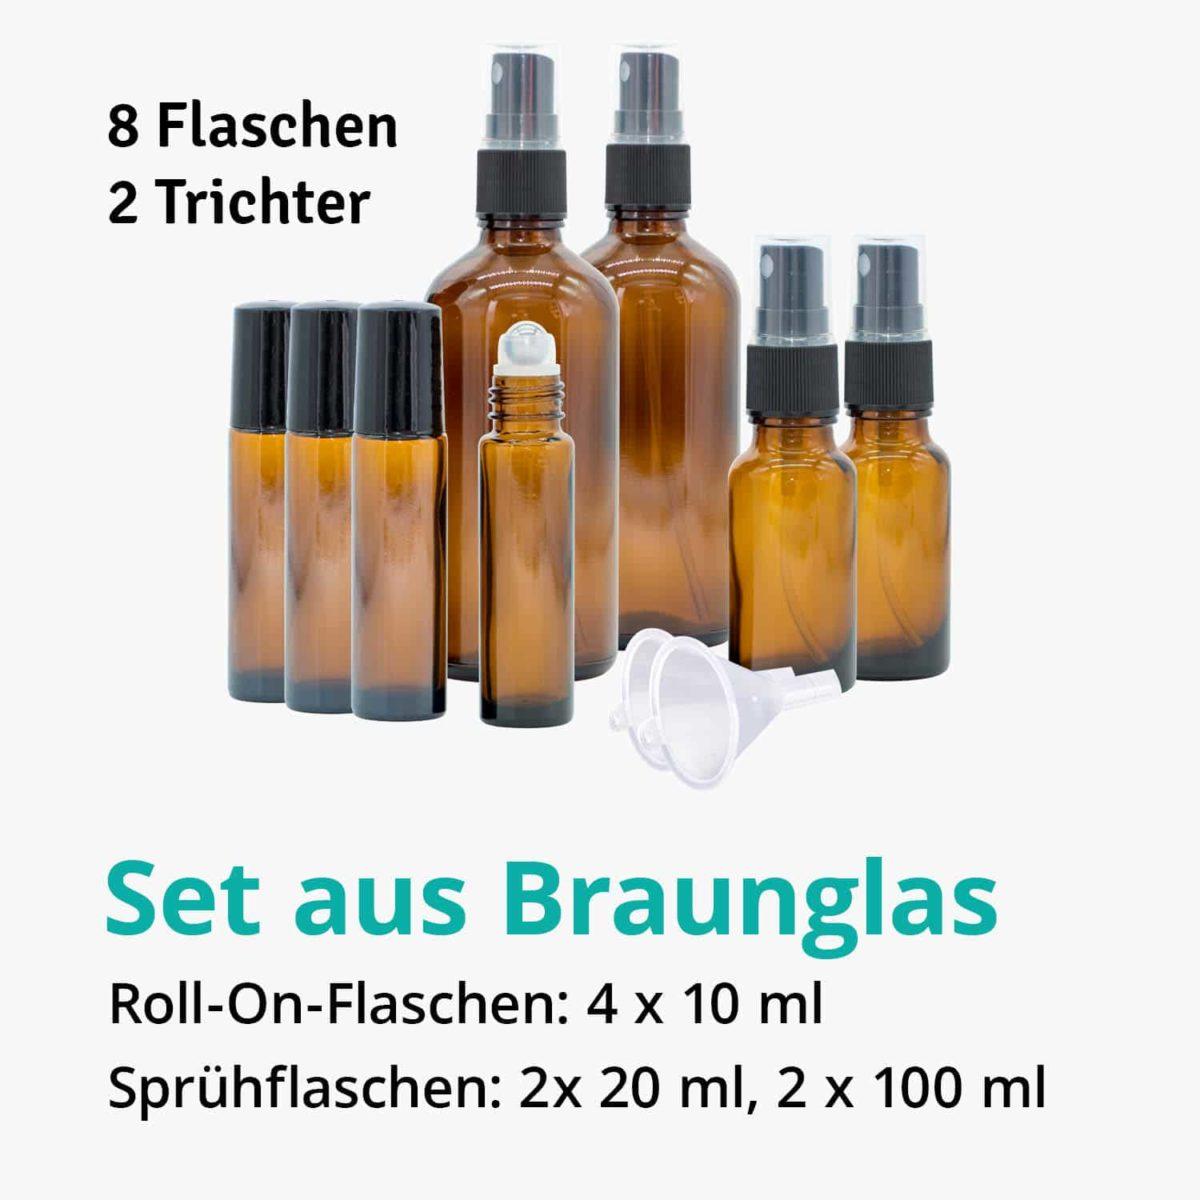 Casida Aromatherapie Einsteiger Set A3230241 Roll On Sprühflasche 10 ml 20 ml 100 ml ätherische Öle Braunglas3